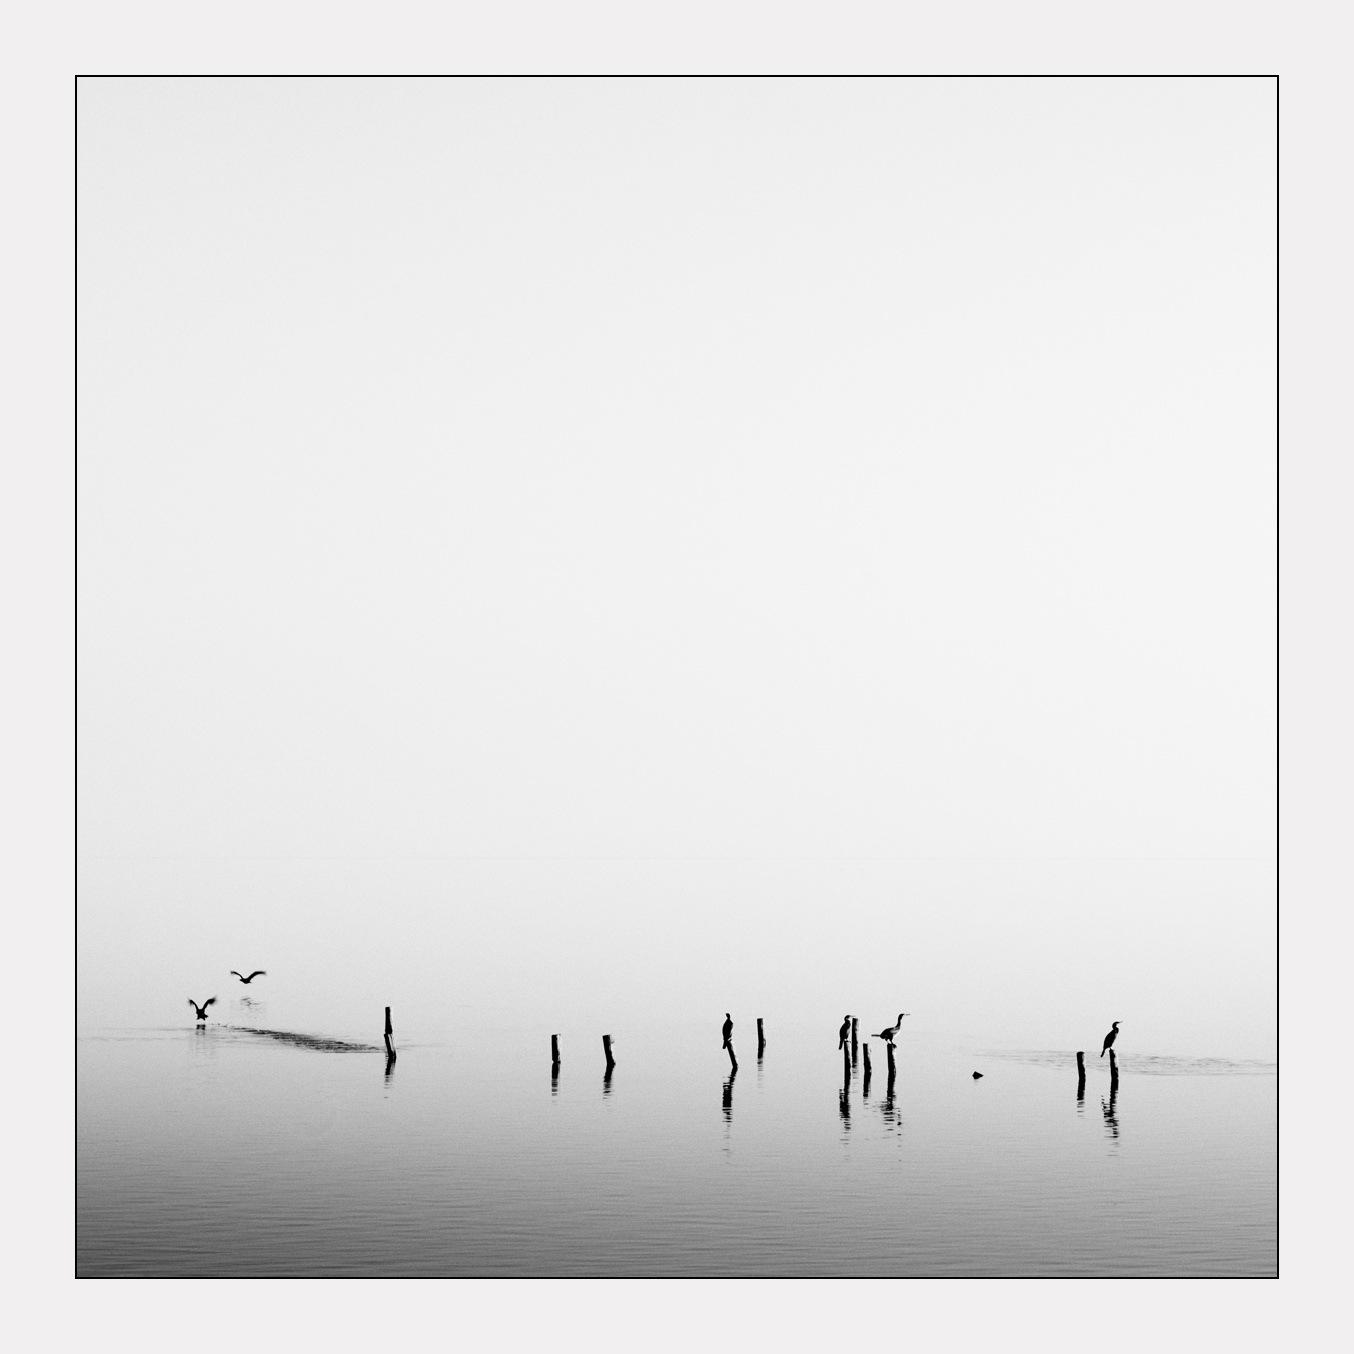 Cormorants at dusk by Nemooo